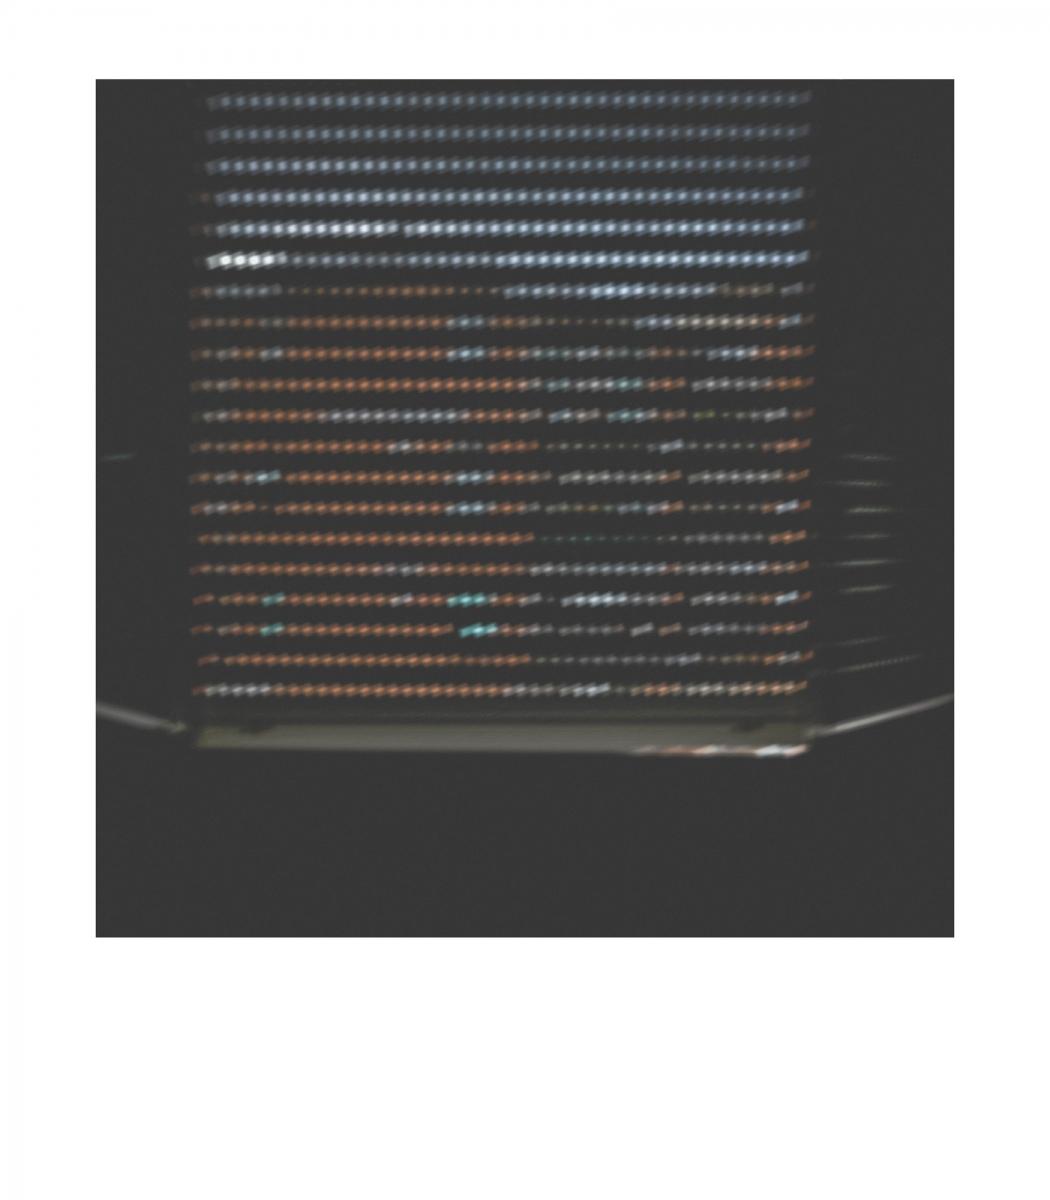 1_4-DSCF3831-P29-Modifica-2